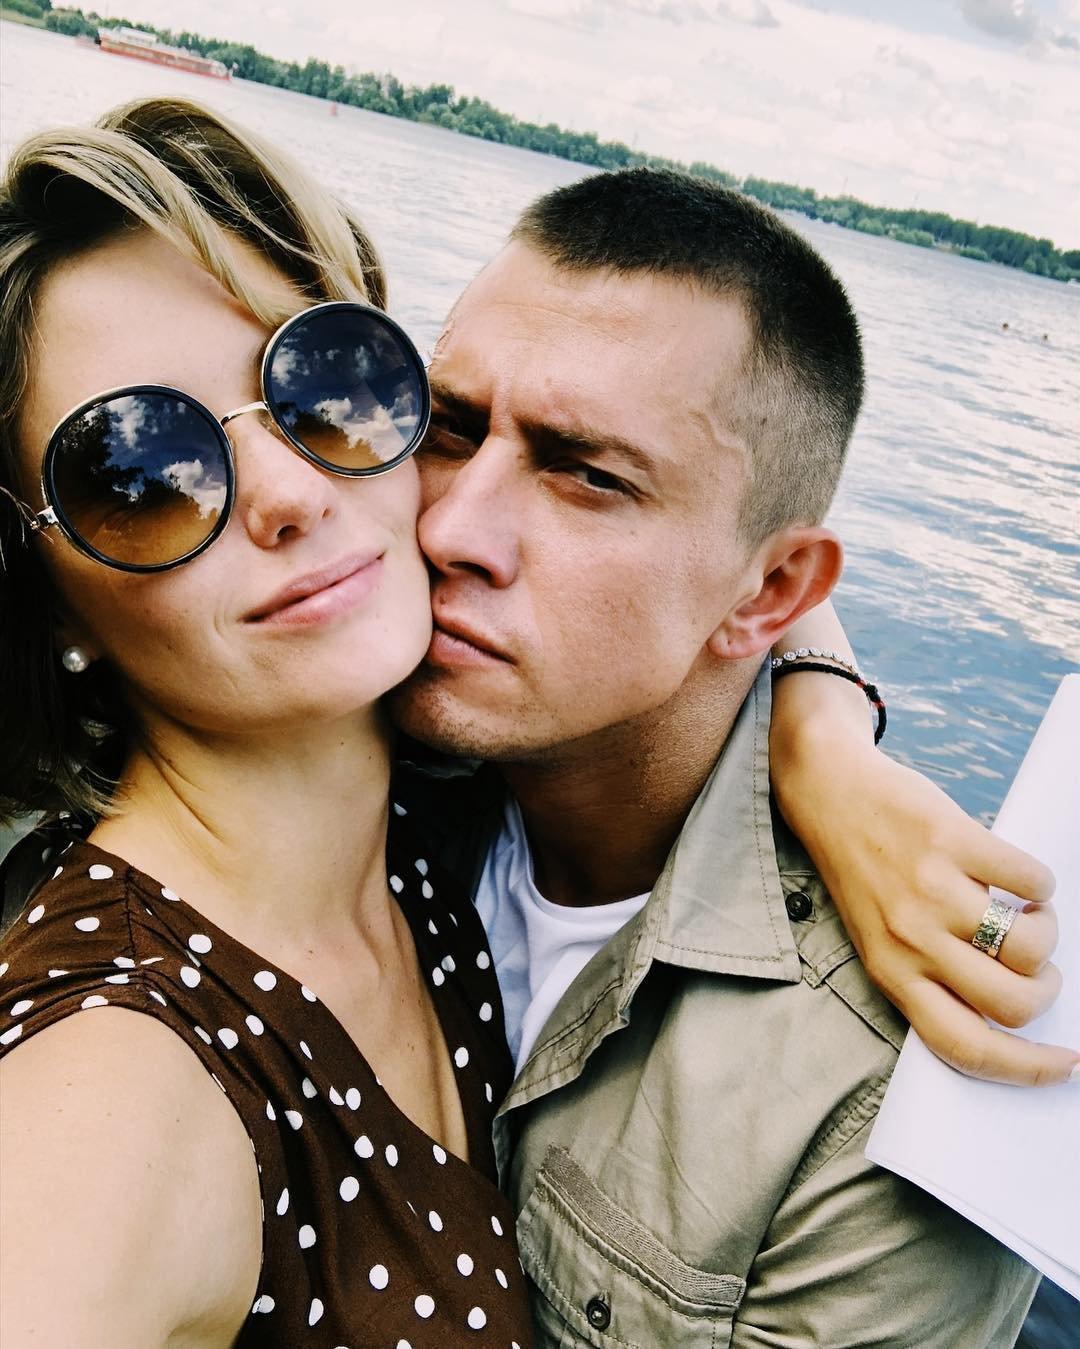 Павел Прилучный впервые прокомментировал заявление Агаты Муцениеце о домашнем насилии